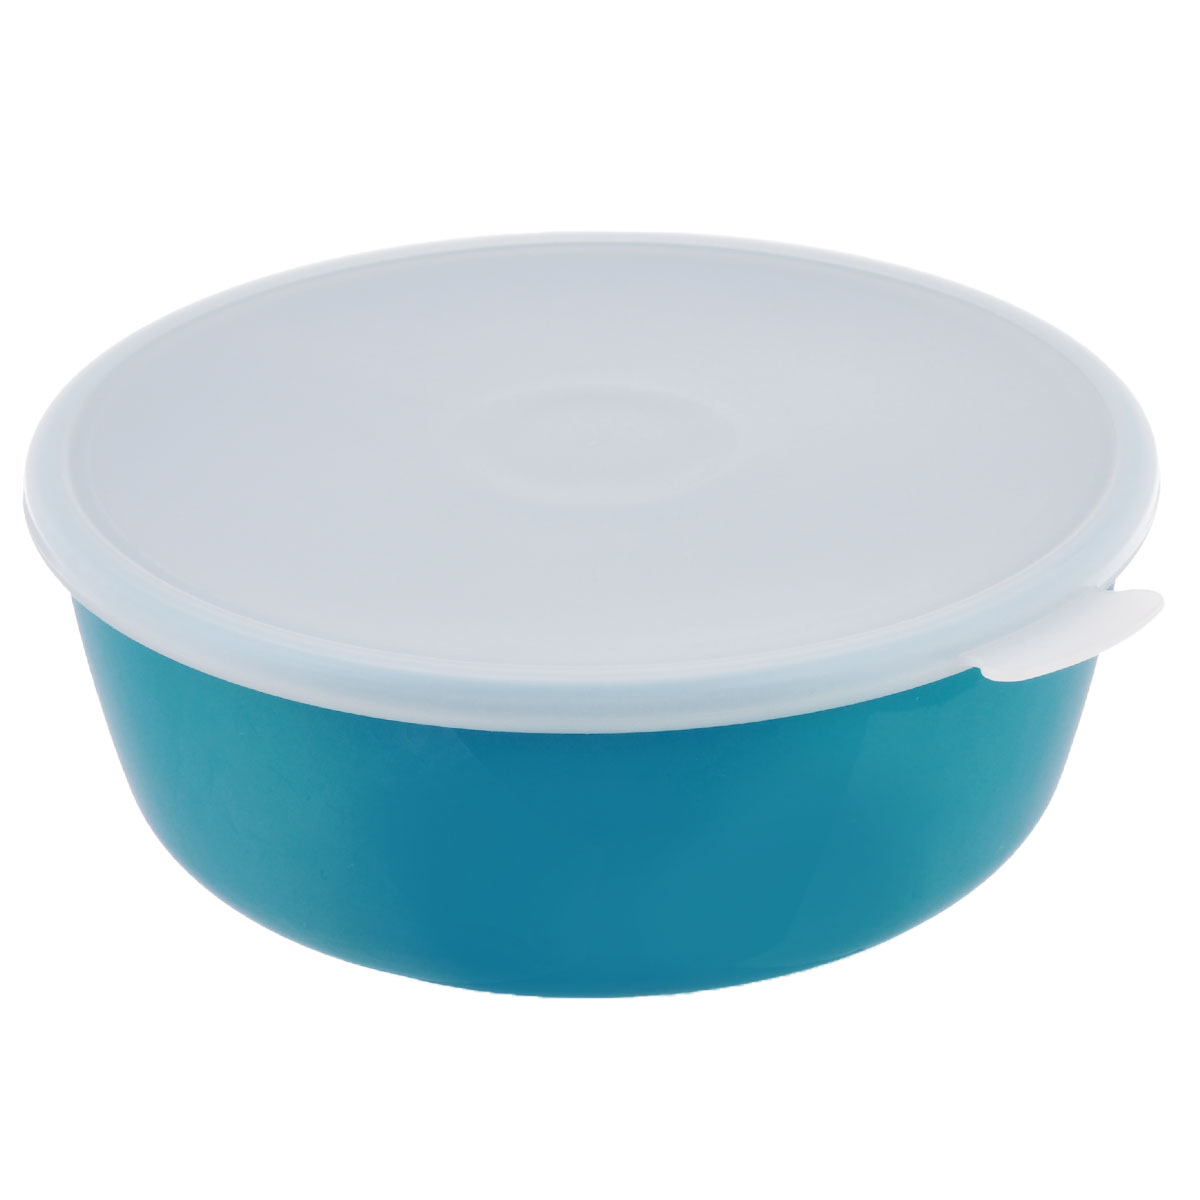 Миска Idea Прованс, с крышкой, цвет: бирюзовый, 2,5 л115510Миска круглой формы Idea Прованс изготовлена из высококачественного пищевого пластика. Изделие очень функциональное, оно пригодится на кухне для самых разнообразных нужд: в качестве салатника, миски, тарелки. Герметичная крышка обеспечивает продуктам долгий срок хранения.Диаметр миски: 22,5 см.Высота миски: 8,5 см.